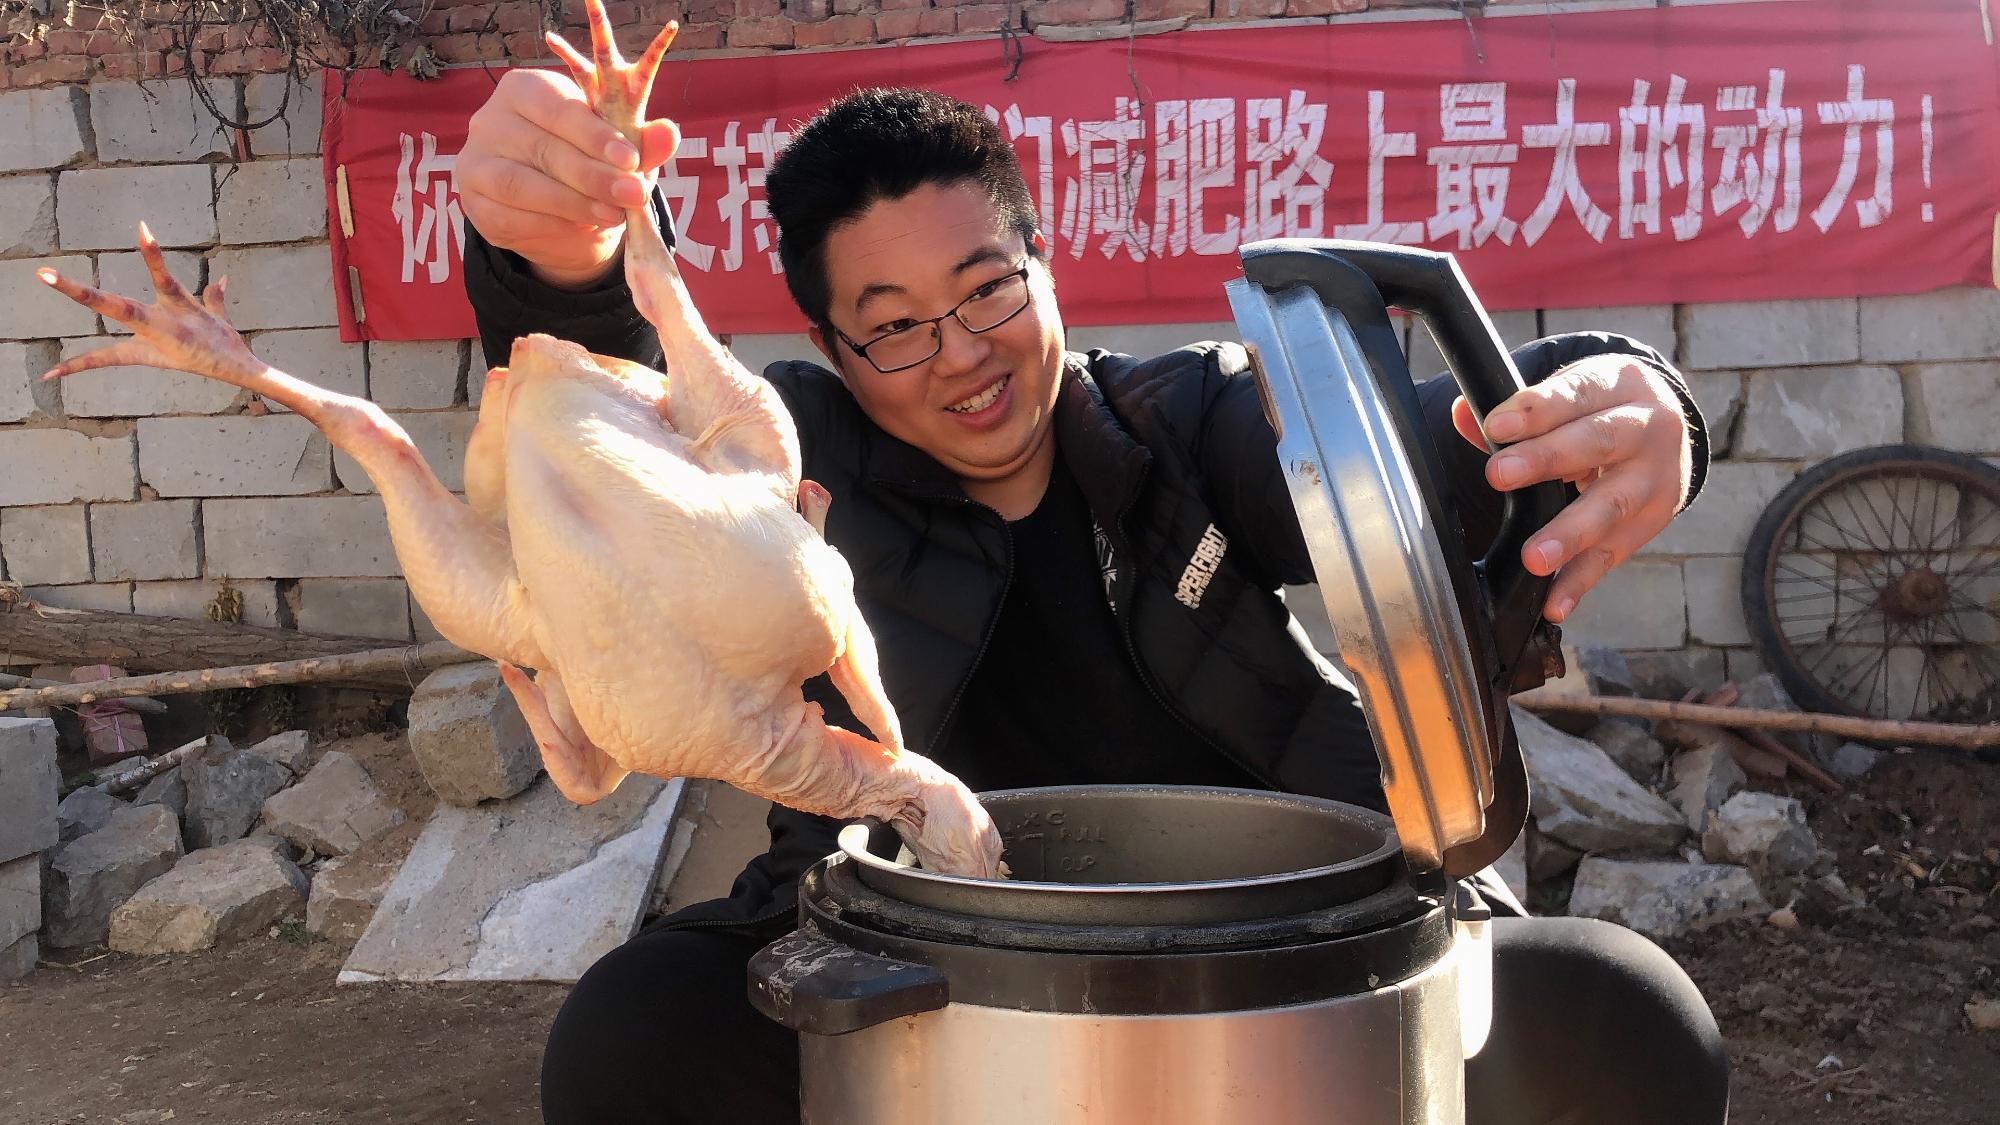 100元买5只鸡,用电饭锅做道烧鸡,结果跟想象的不一样!